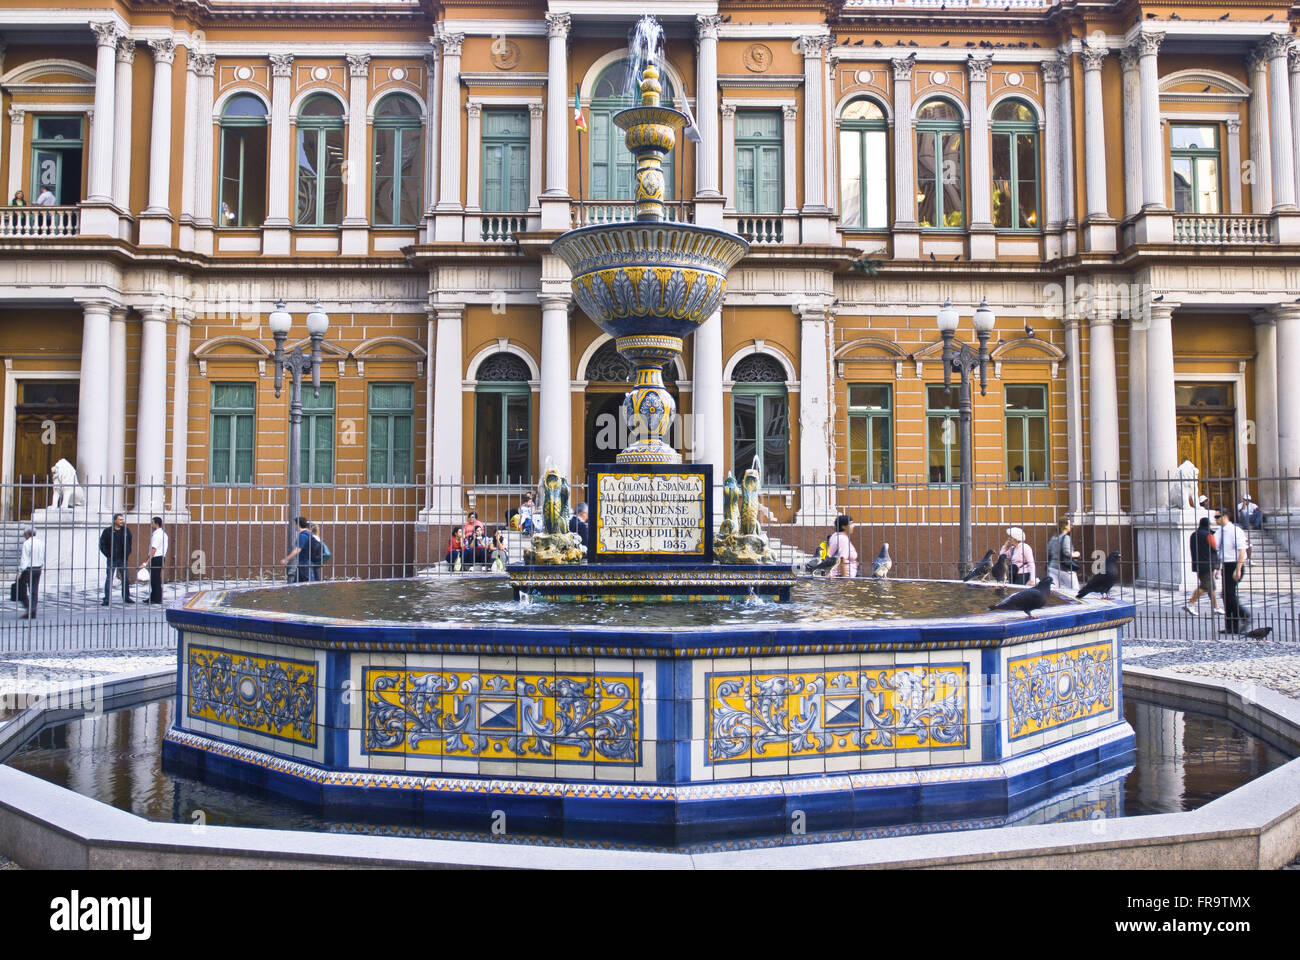 Talavera Source à Praca Montevideo bâtiment en face de l'hôtel de ville construit en 1901 Photo Stock